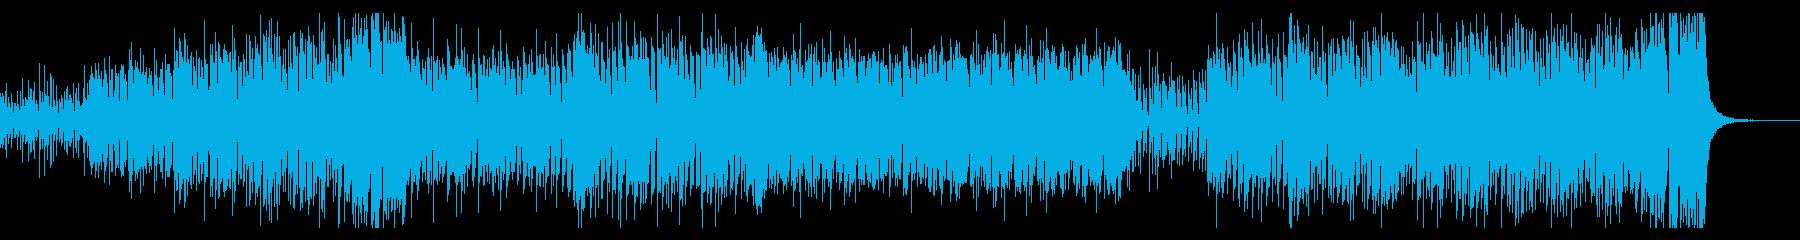 陽気で明るいラテン風BGMの再生済みの波形